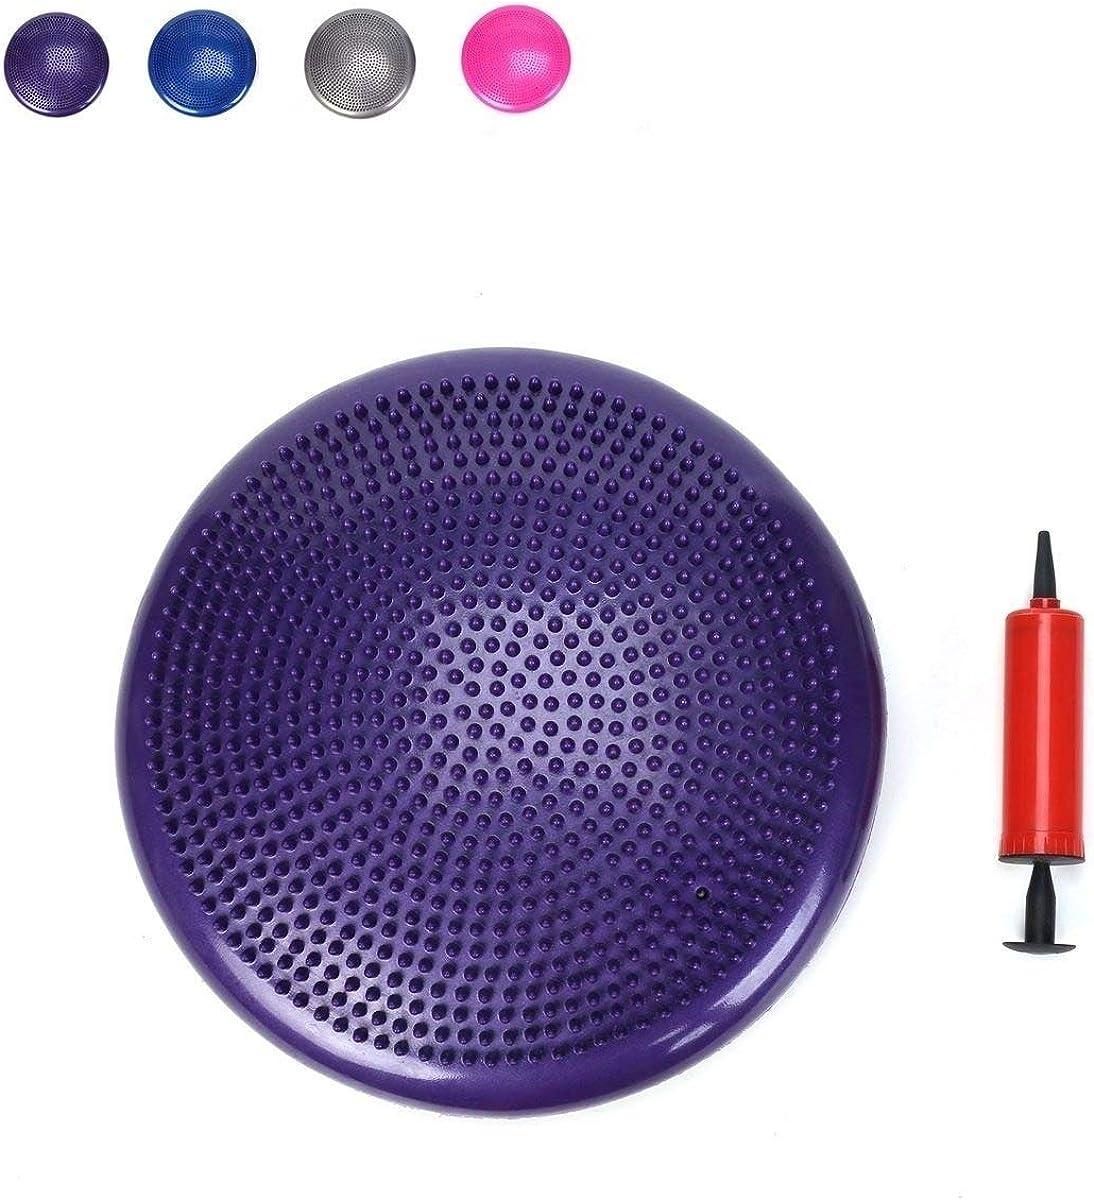 Balance Stability Disc Ball Chair Air Wobble Purple